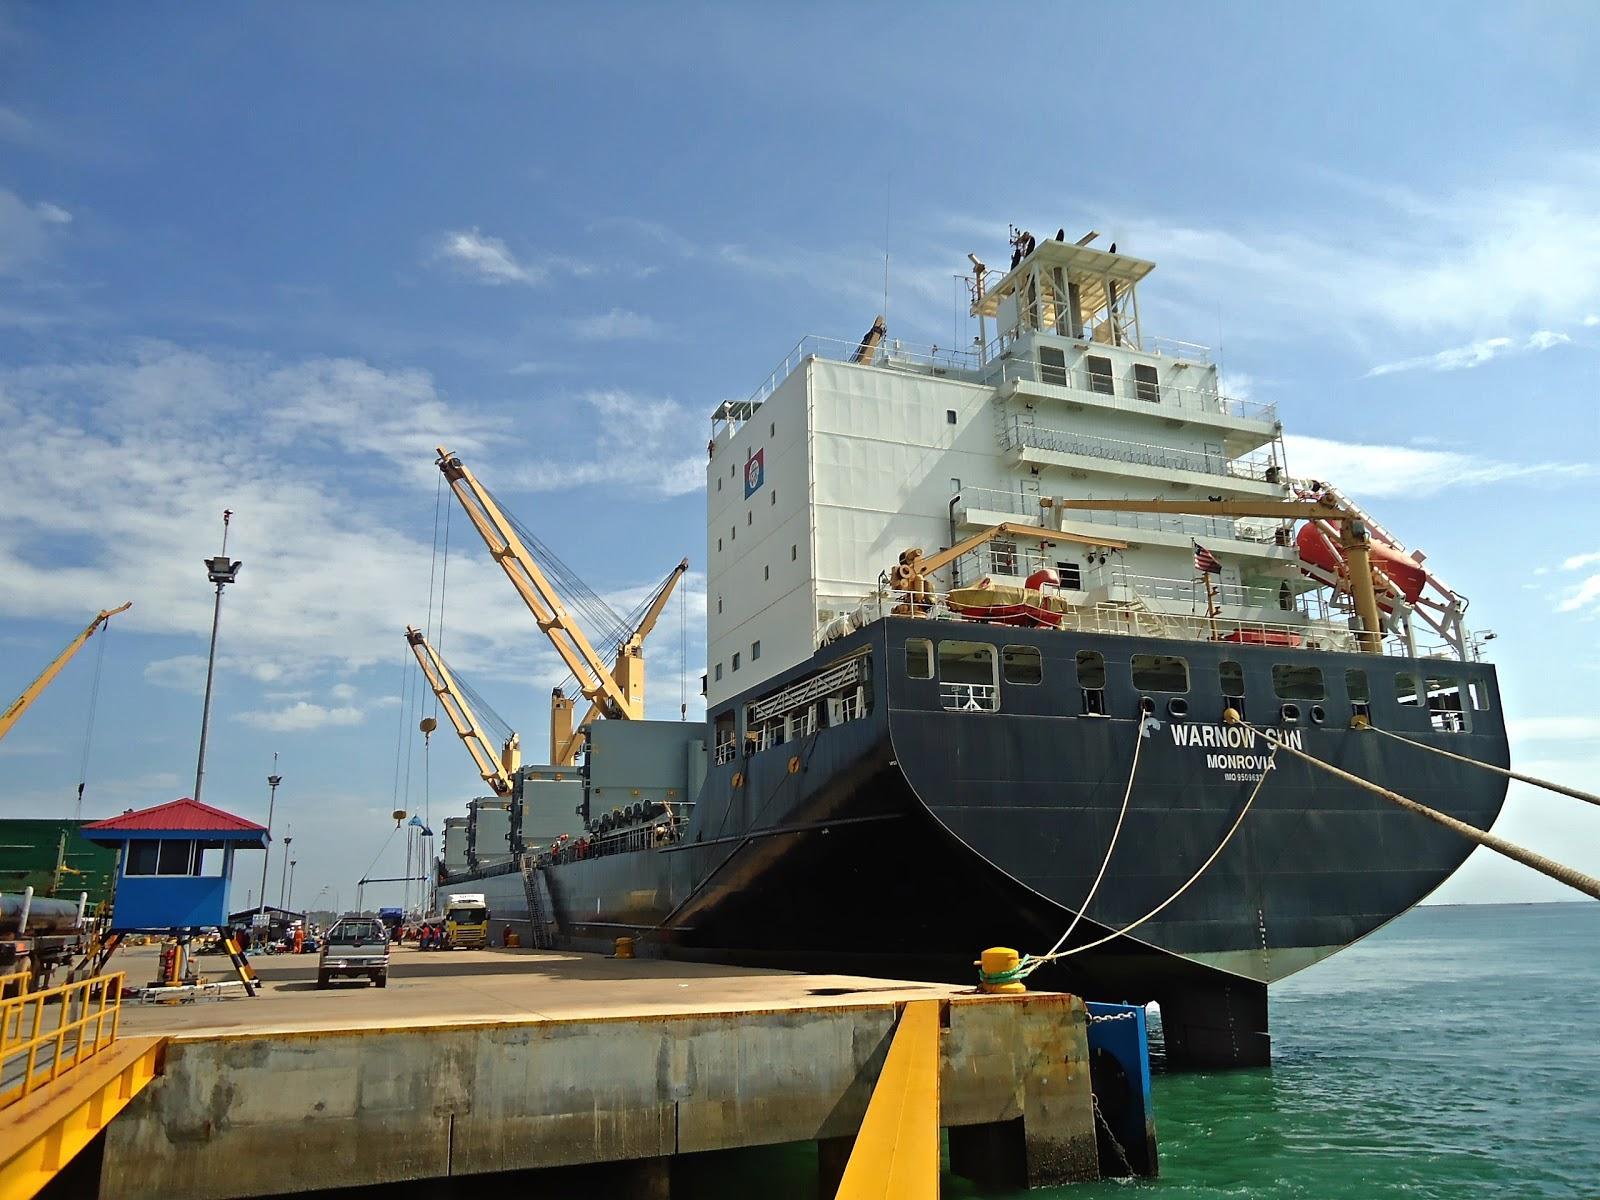 Berita kapal lowongan pelaut indonesia semua orang pasti kenal dengan pekerjaan sebagai pelaut namun banyak masyarakat hanya mengetahui pelaut itu semua sama title dan jabatan thecheapjerseys Image collections